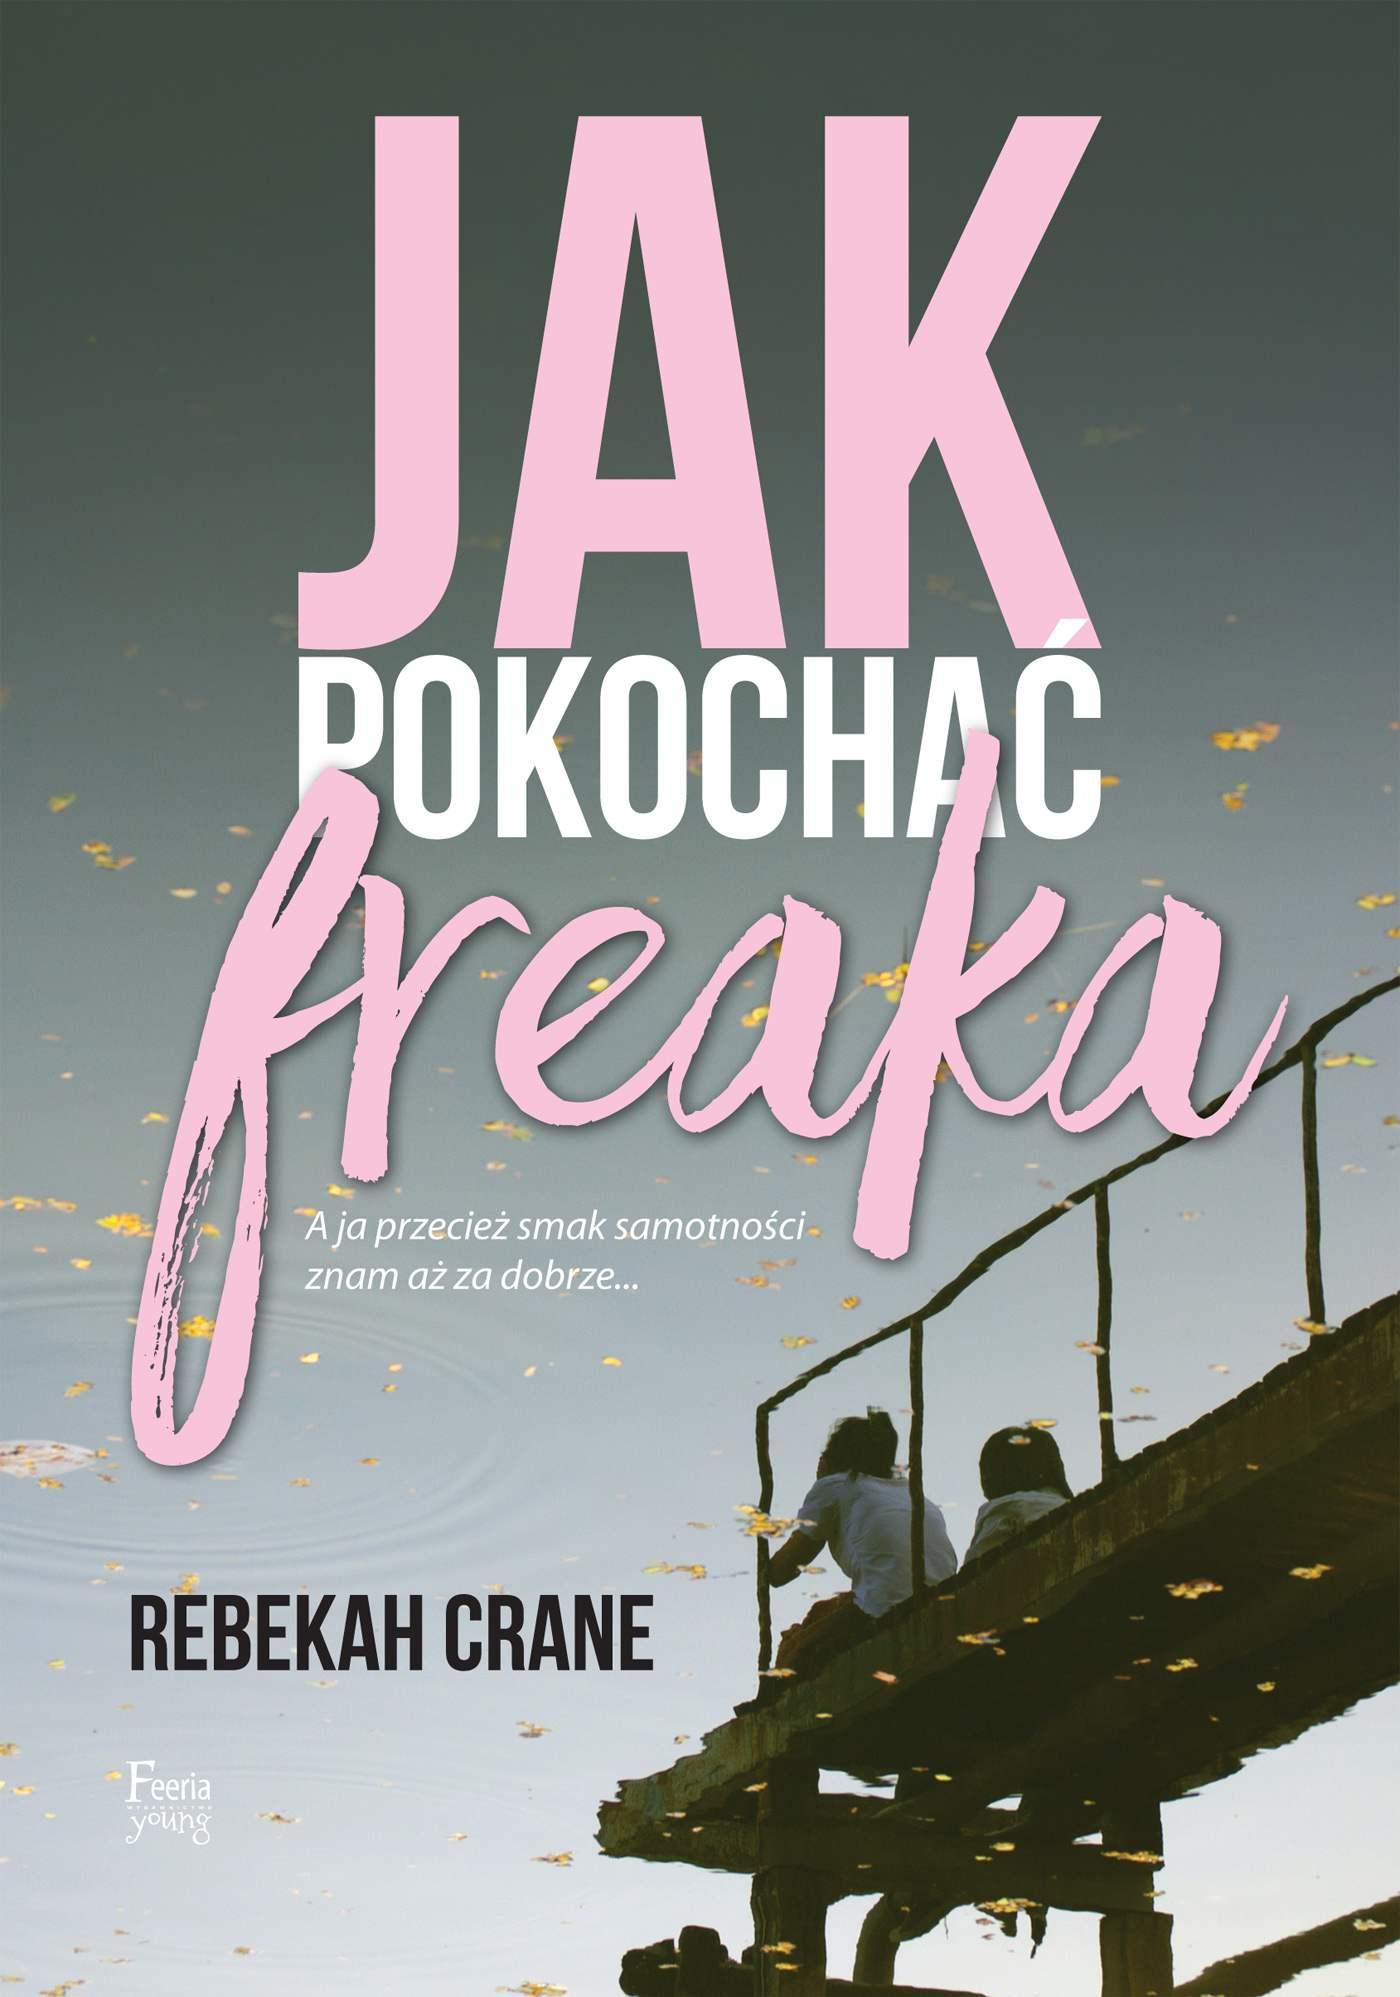 Jak pokochać freaka - Ebook (Książka na Kindle) do pobrania w formacie MOBI